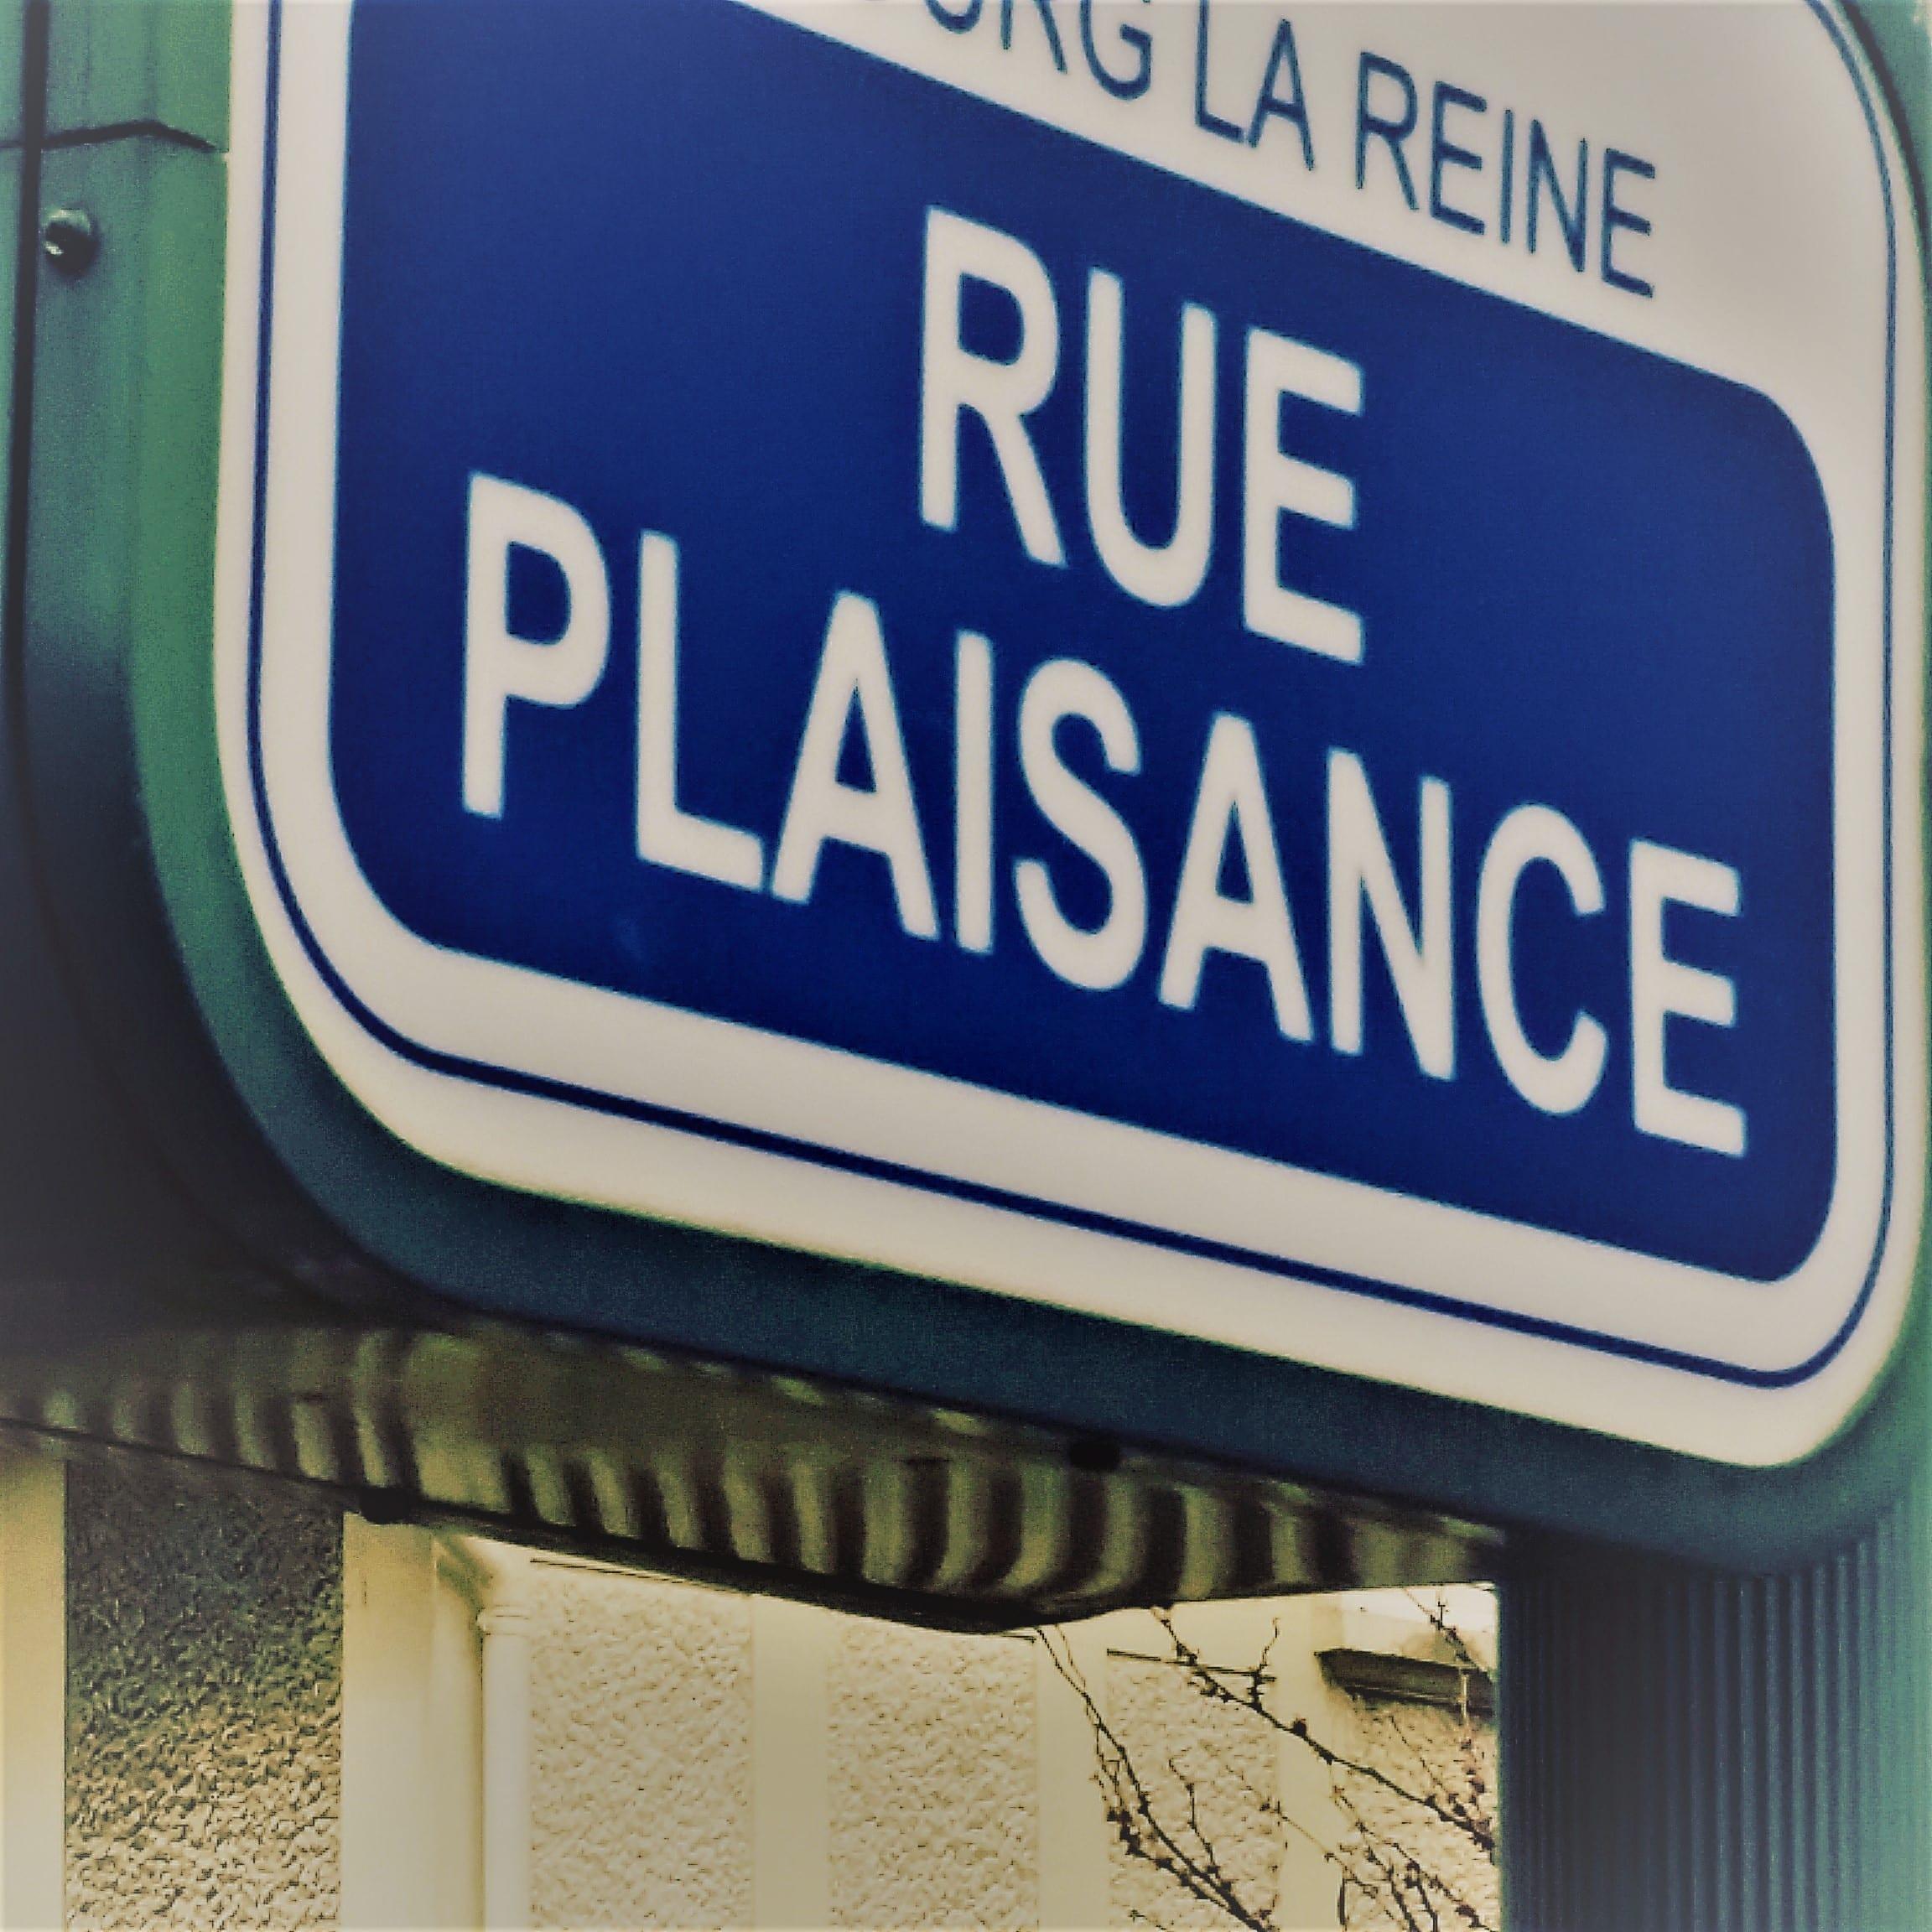 Centre d'hypnose Shaff Ben Amar, Hypnologue Hypnotiseur Paris Hypnose à L'Haÿ-les-Roses (94240) ,Hypnose à Cachan (94230 ) , Hypnose à Arcueil (94110 ), Hypnose à Bagneux (92220 ) ,Hypnose à Sceaux (92330 ), Hypnose à Fontenay-aux-Roses (92260 ), Hypnose à Chevilly-Larue (94550 ) , Hypnose à Châtillon (92320 ), Hypnose à Fresnes (94260 ), Hypnose au Plessis-Robinson (92350 ) , Hypnose à Montrouge (92120 ) ,Hypnose à Antony (92160 ), Hypnose à Gentilly (94250 ), Hypnose à Malakoff (92240 ), Hypnose à Villejuif (94800 ) , Hypnose à Clamart (92140 ), Hypnose à Châtenay-Malabry (92290 ), Hypnose à Rungis (94150 ), Hypnose au Kremlin-Bicêtre (94270), Hypnose à Paris (75), Hypnose en Île de France